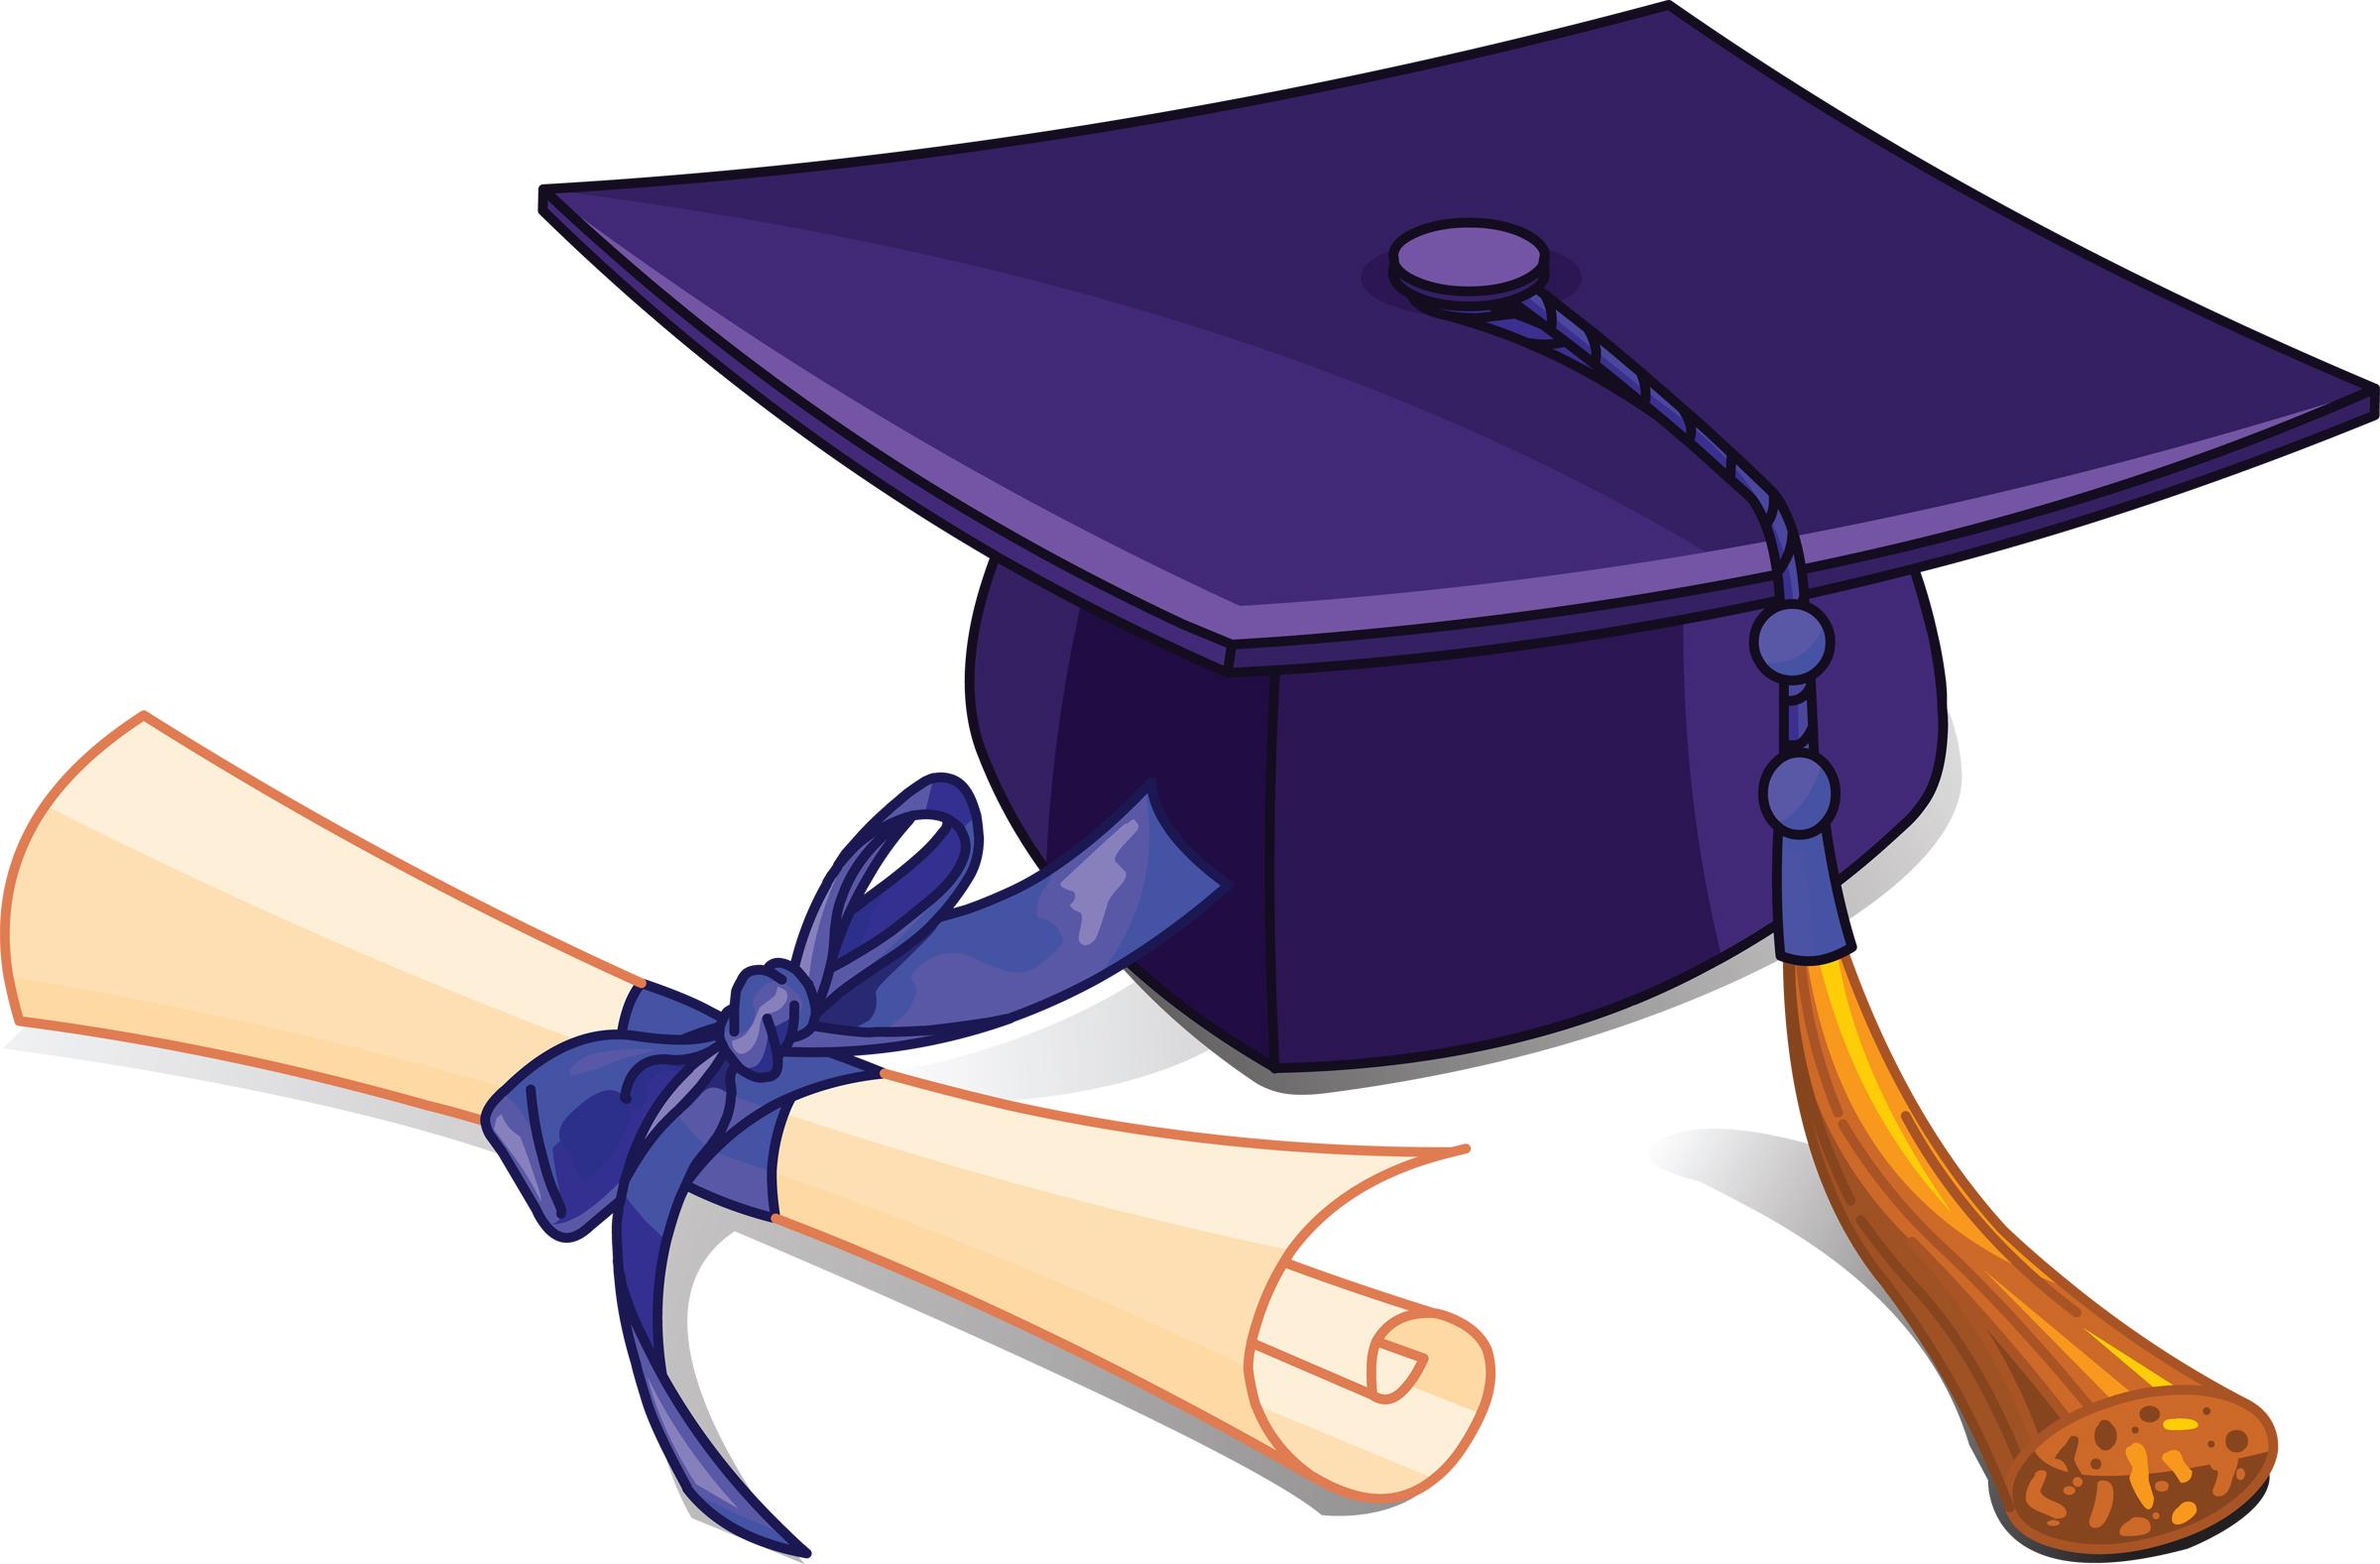 High School Graduation Clip A - High School Graduation Clip Art